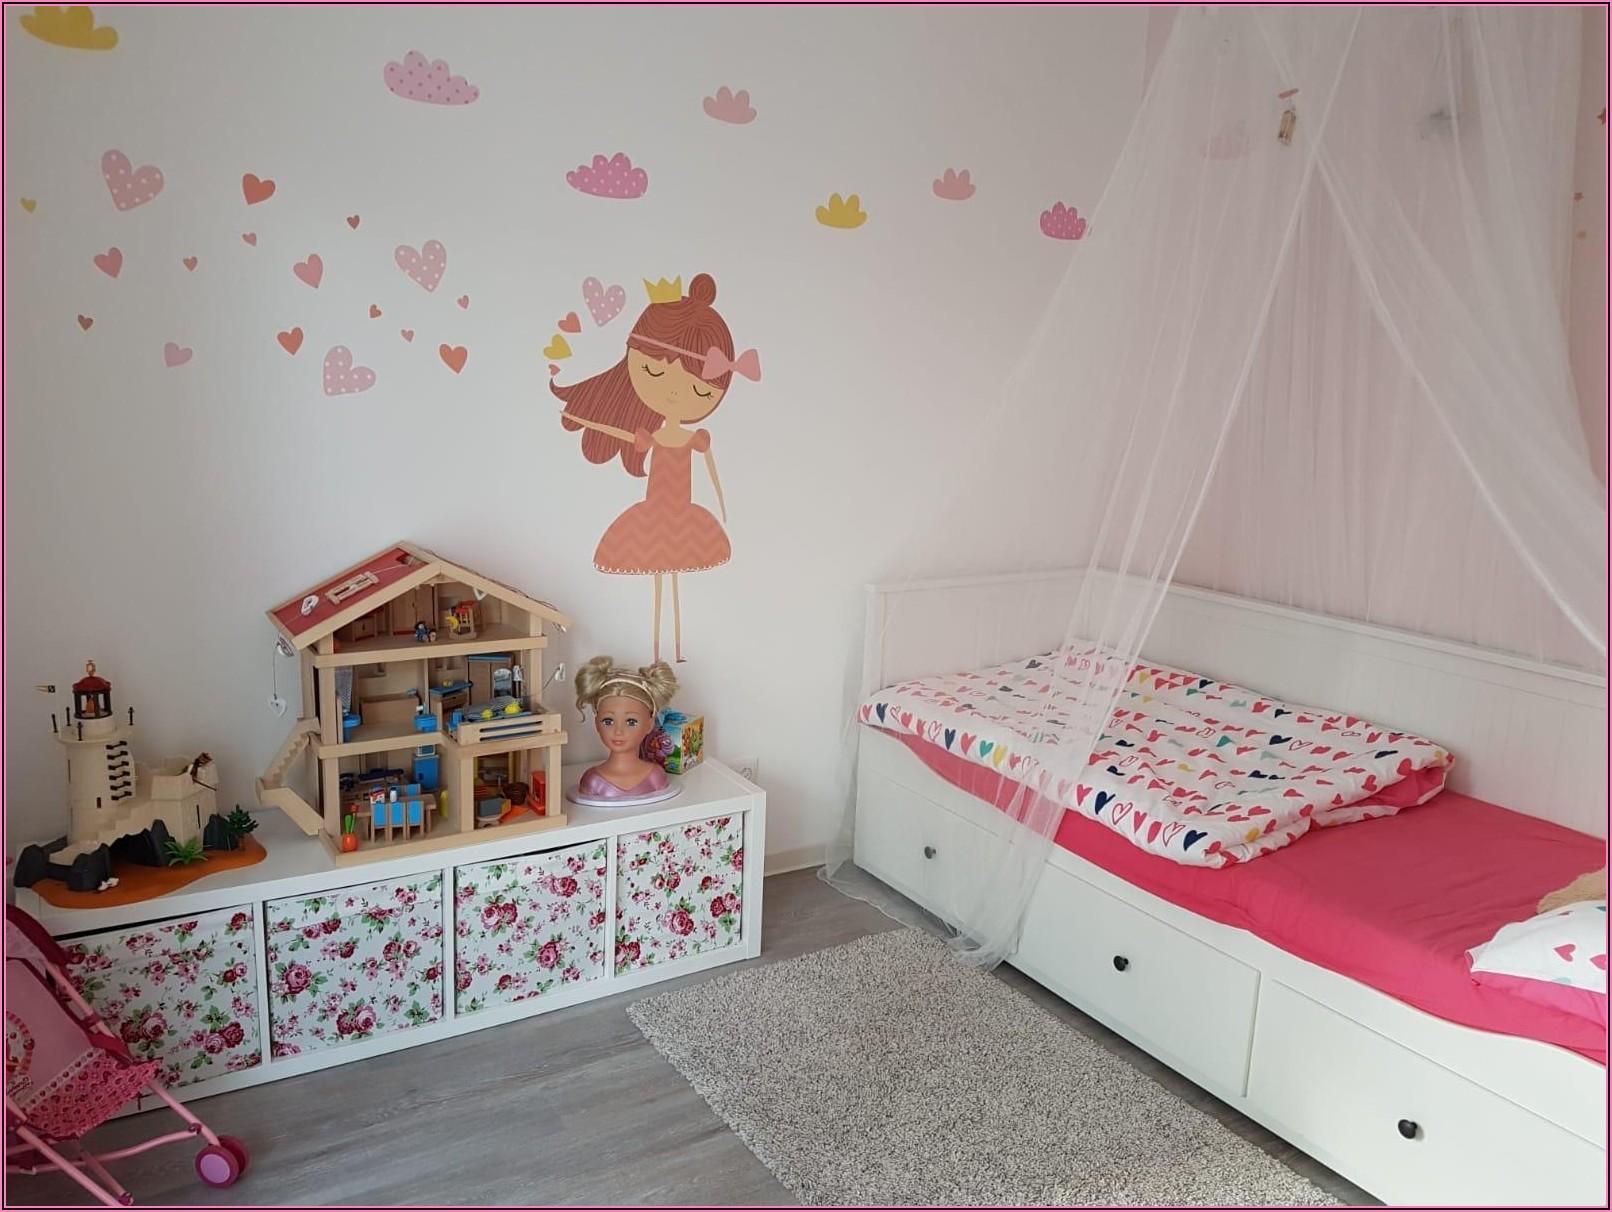 Kinderzimmer Komplett Mädchen 3 Jahre